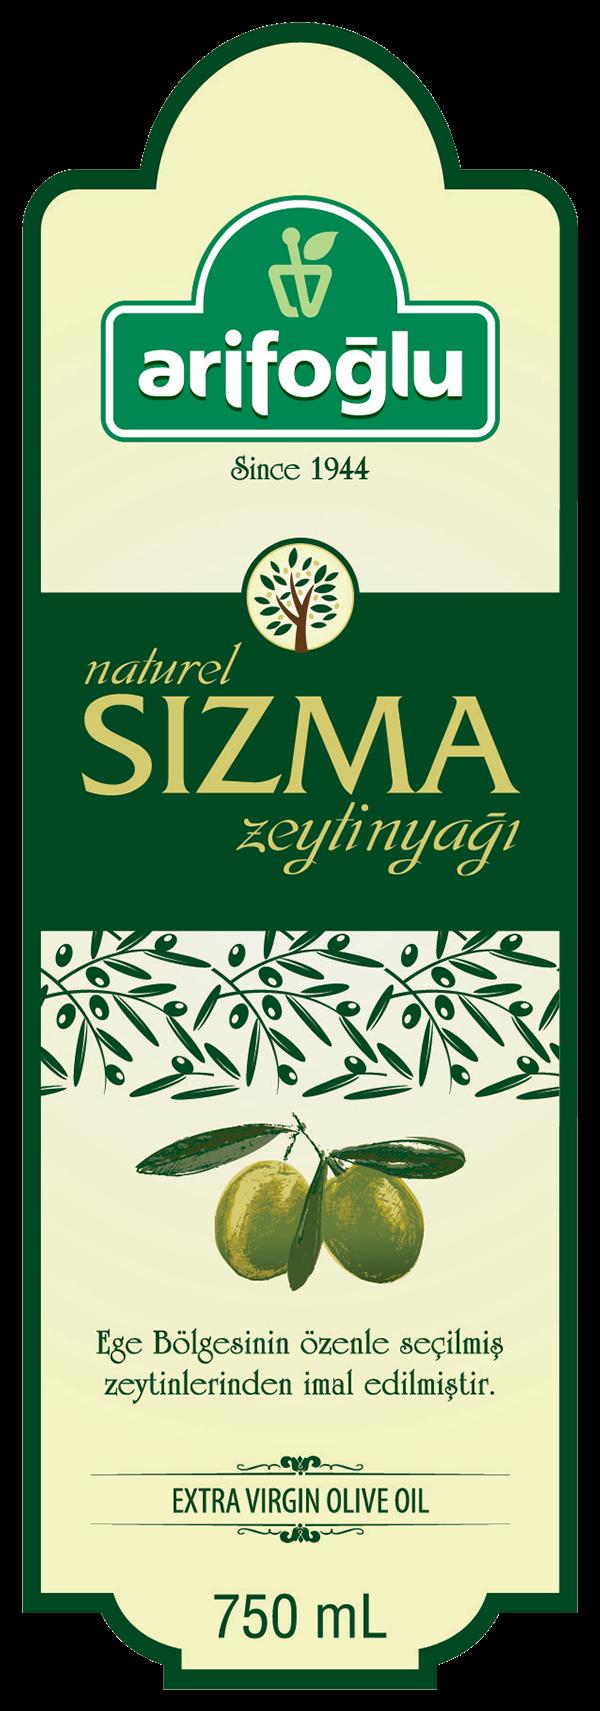 Etiket: zeytinyağı